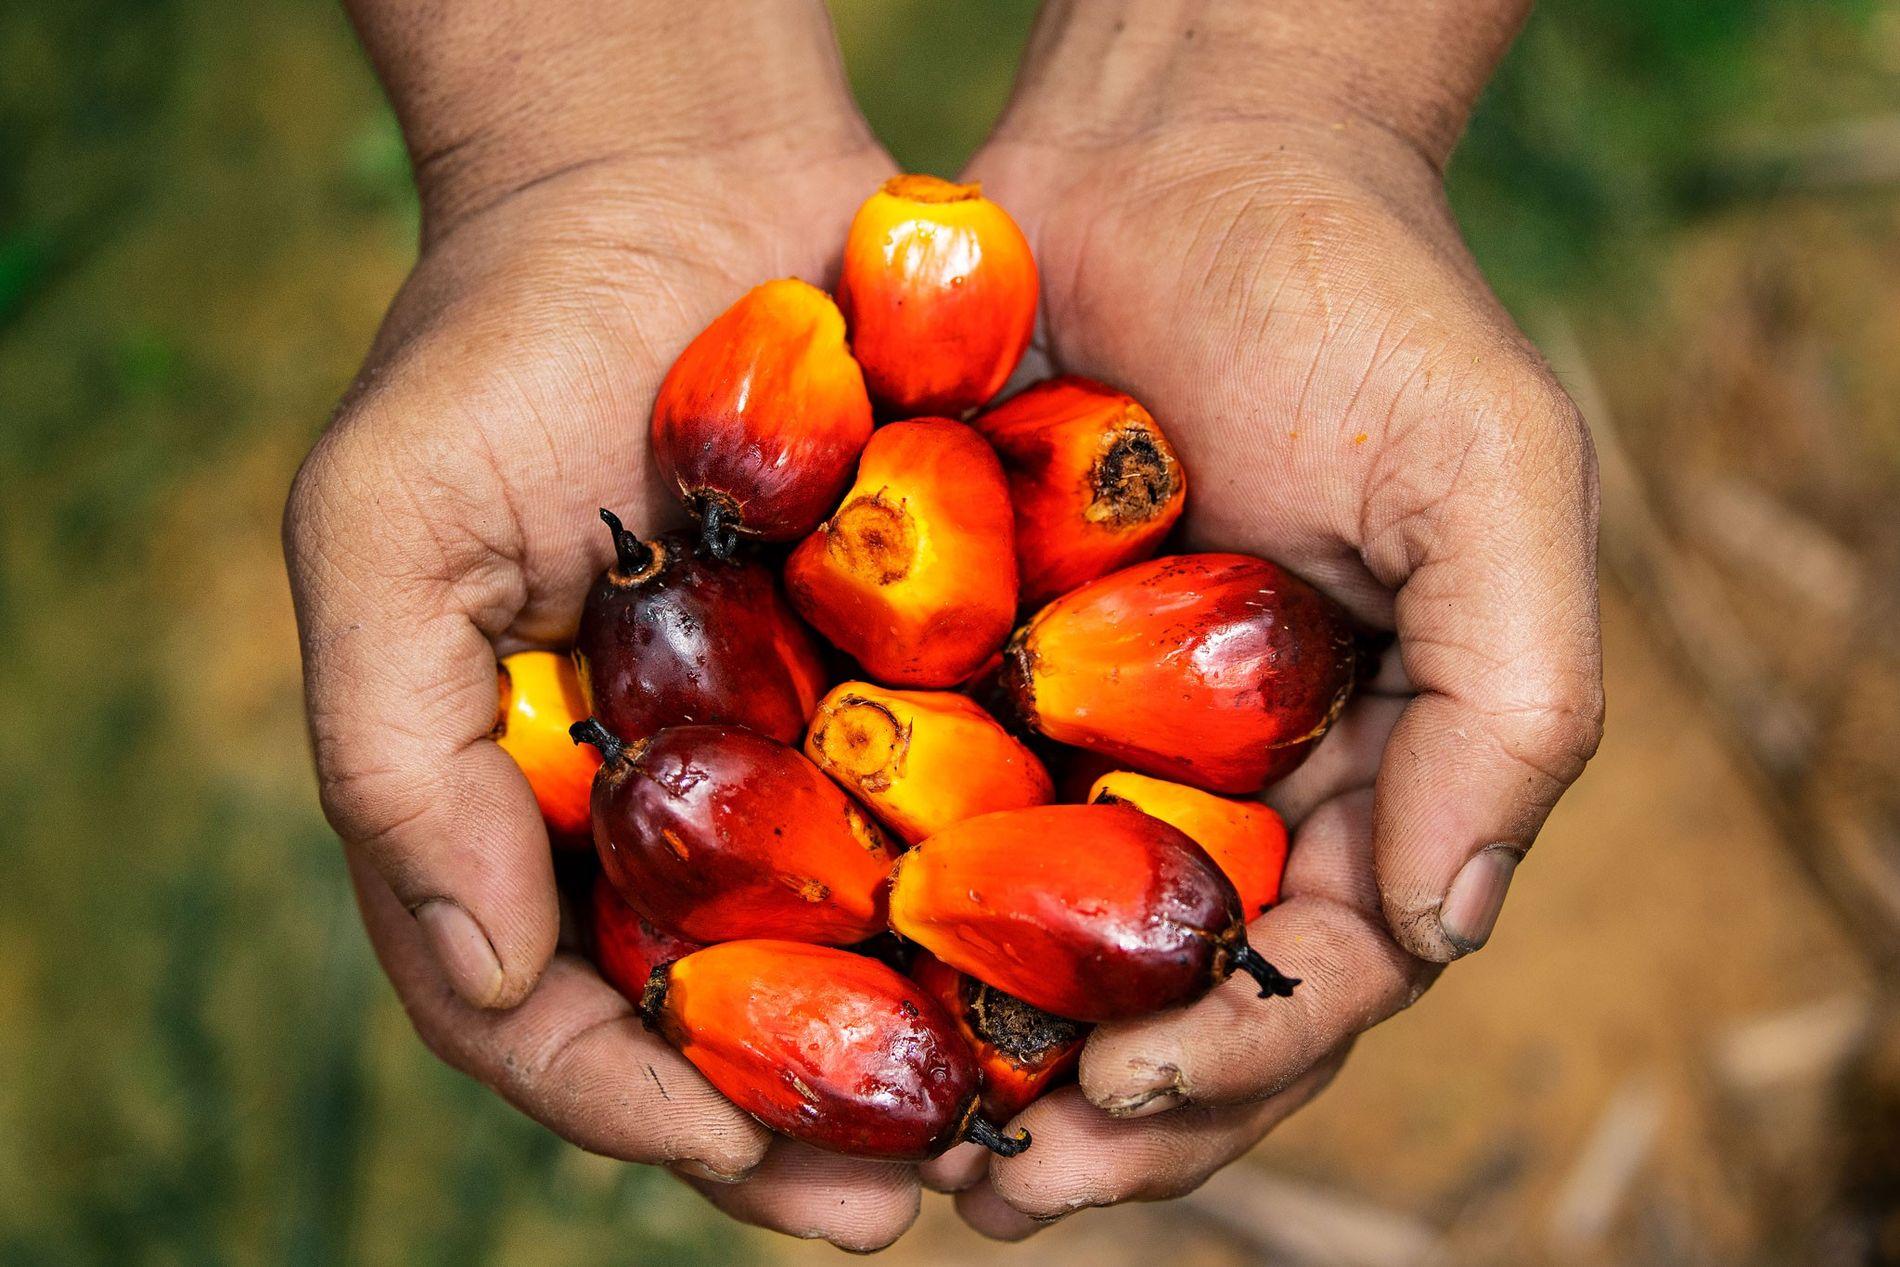 Un trabajador en una plantación malaya muestra algunas frutas de palma, fuente del aceite comestible más popular del mundo.